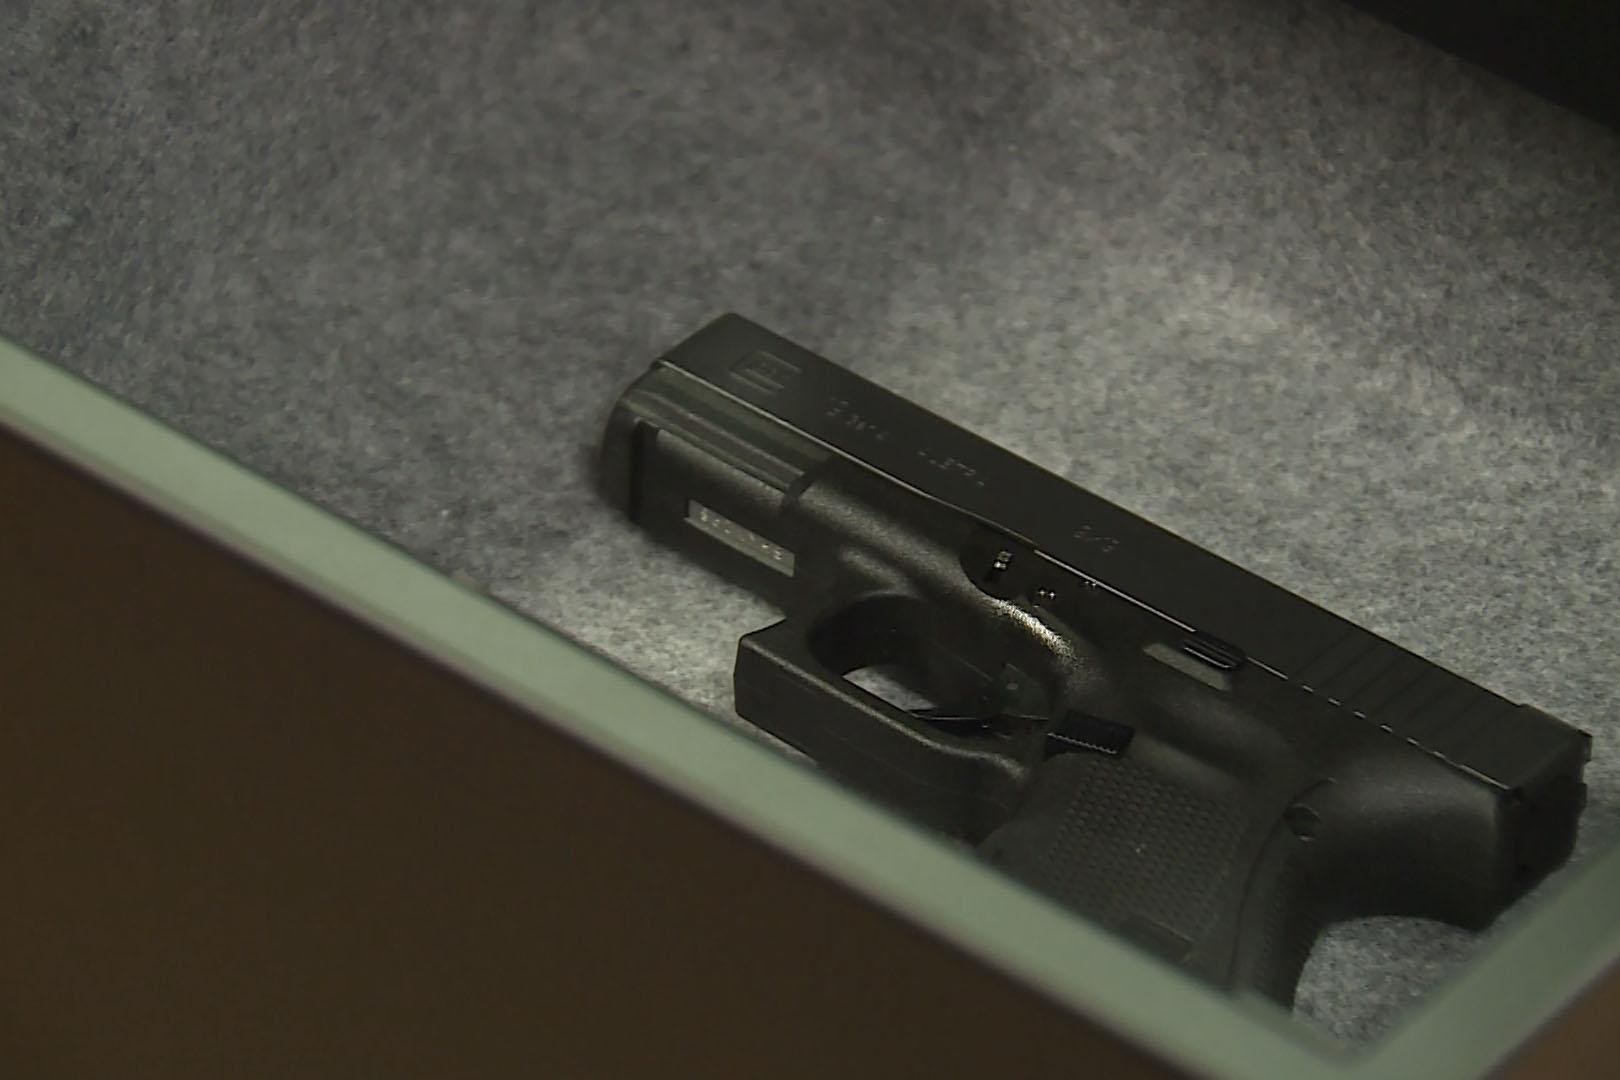 A handgun in a gray-lined gun safe.